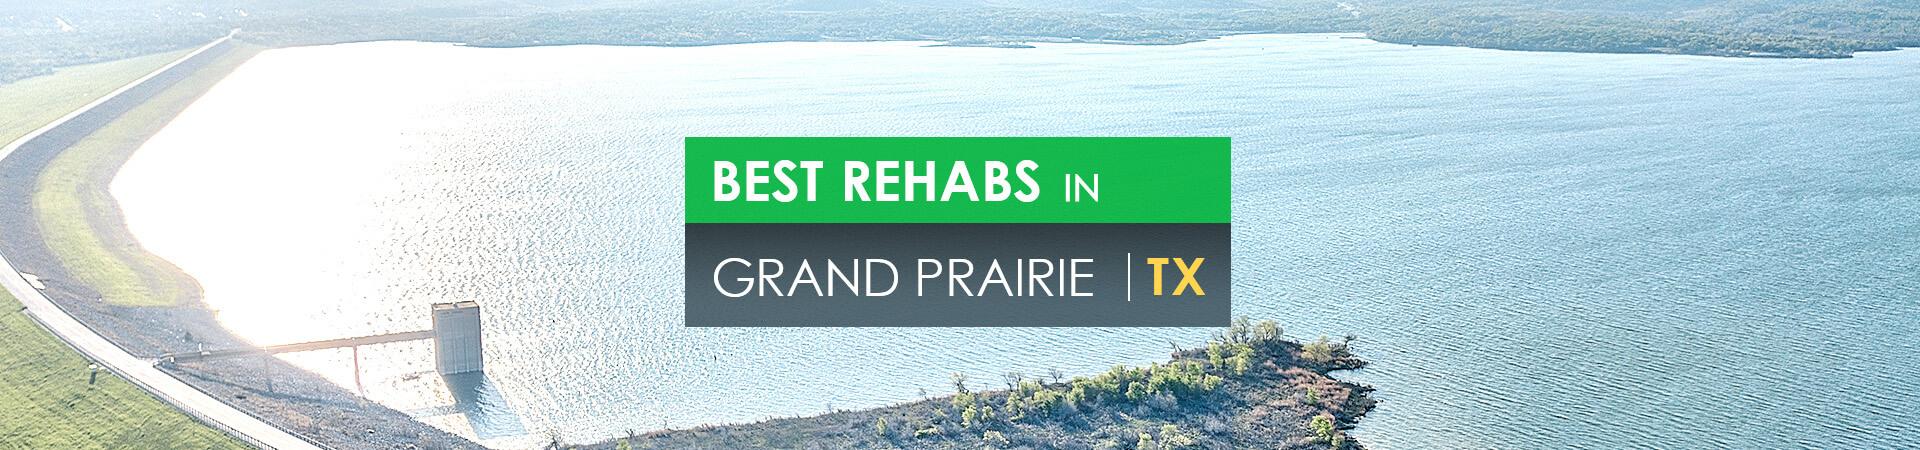 Best rehabs in Grand Prairie, TX